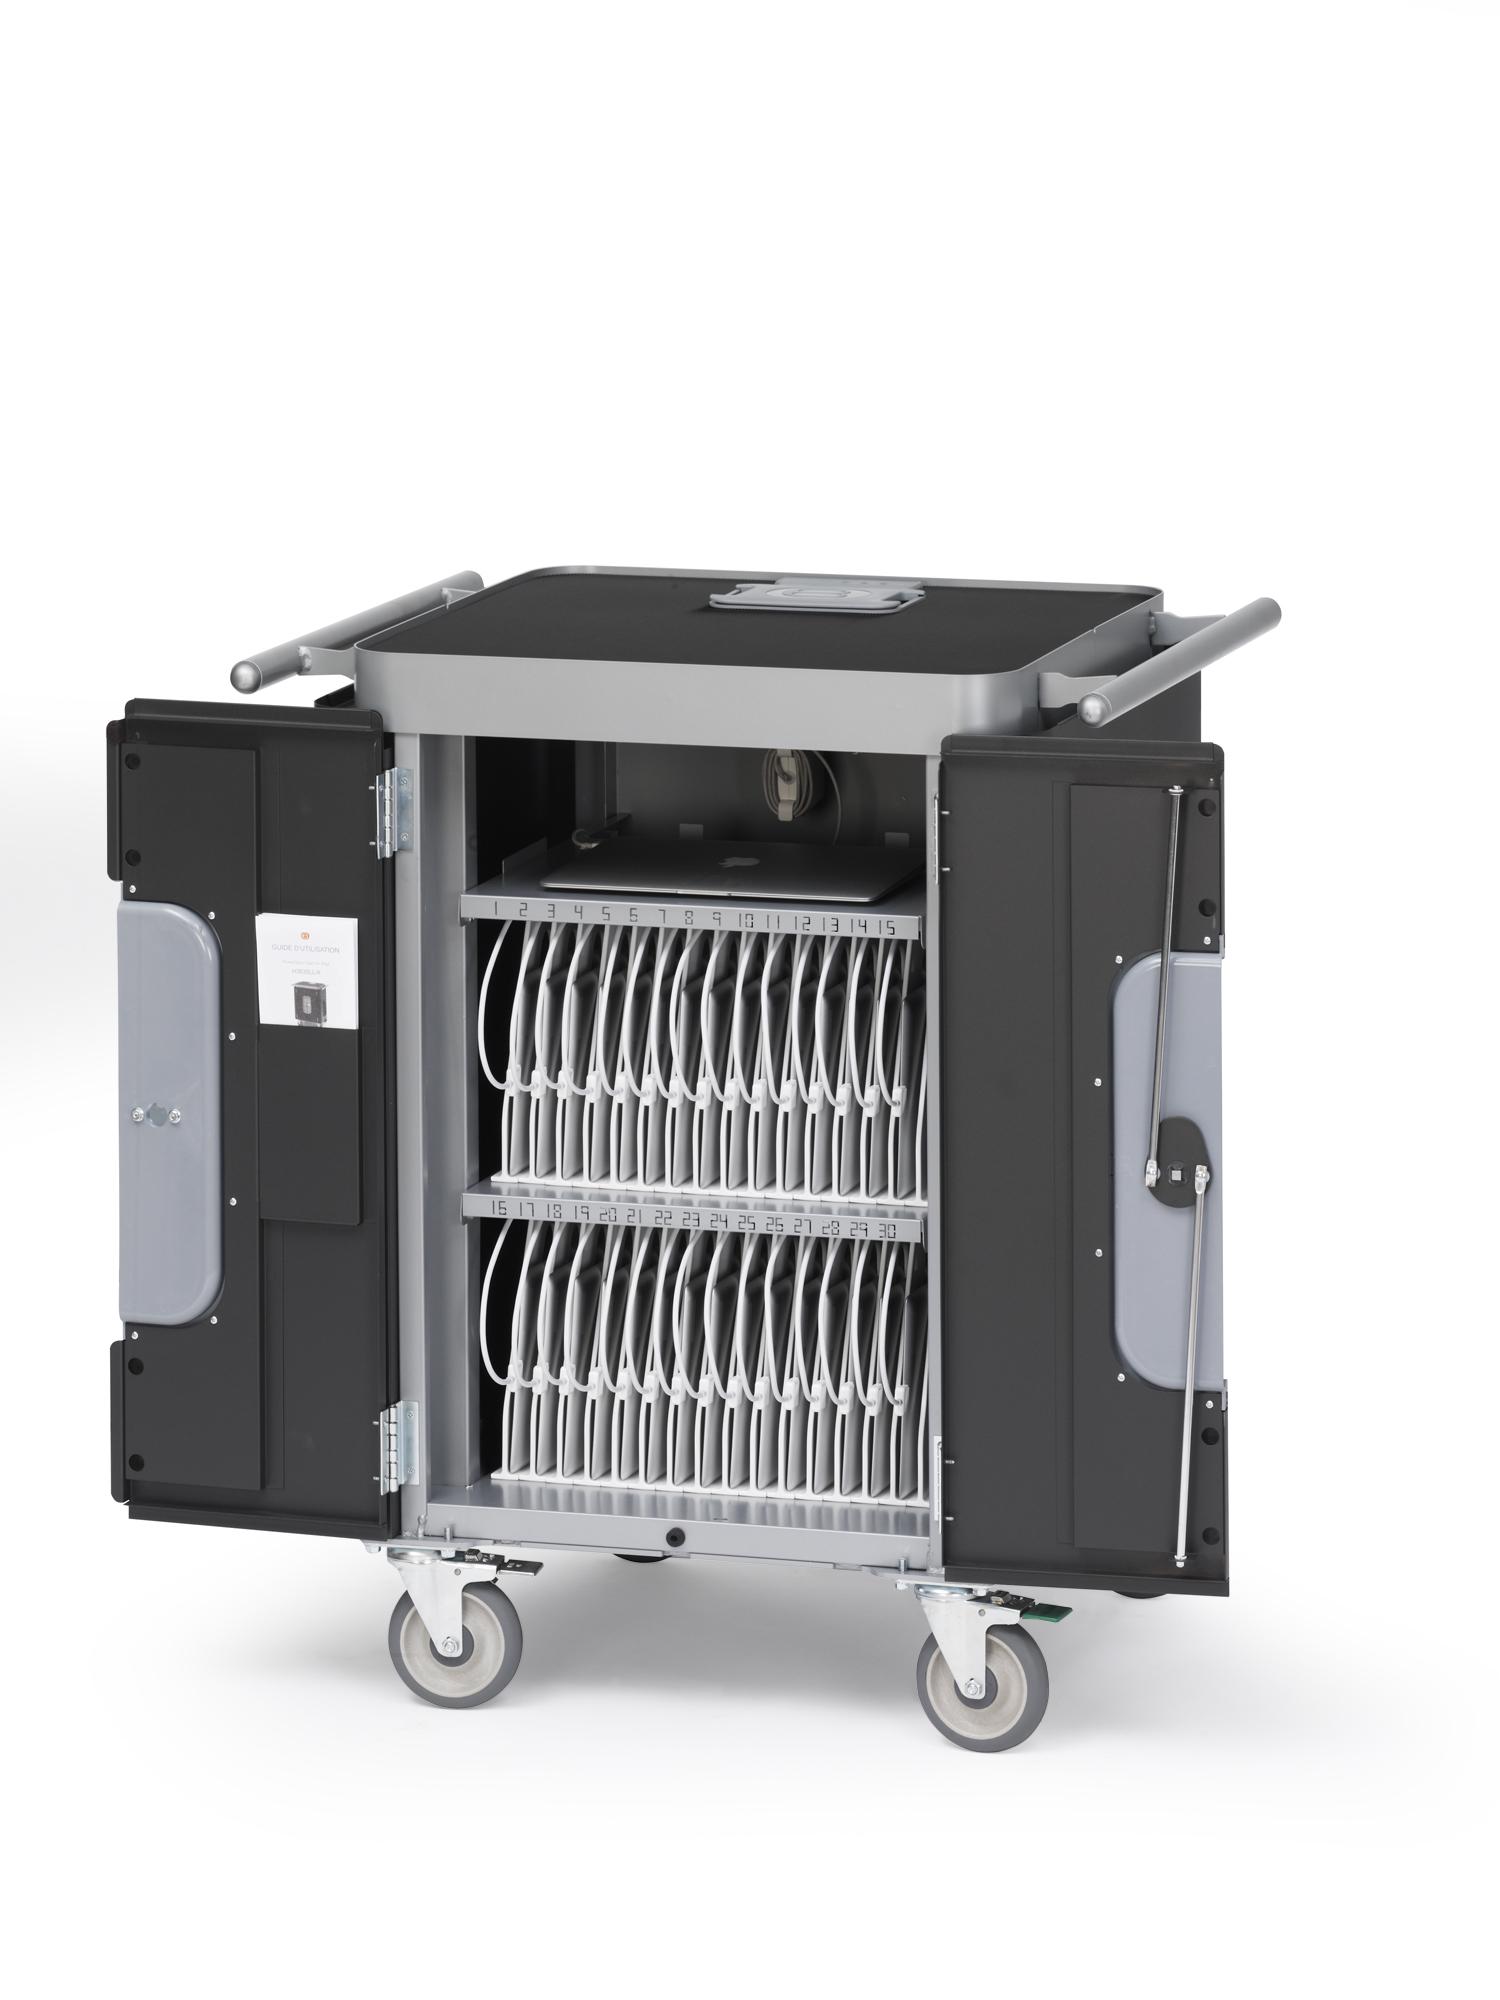 3-4 Cart Air shelf